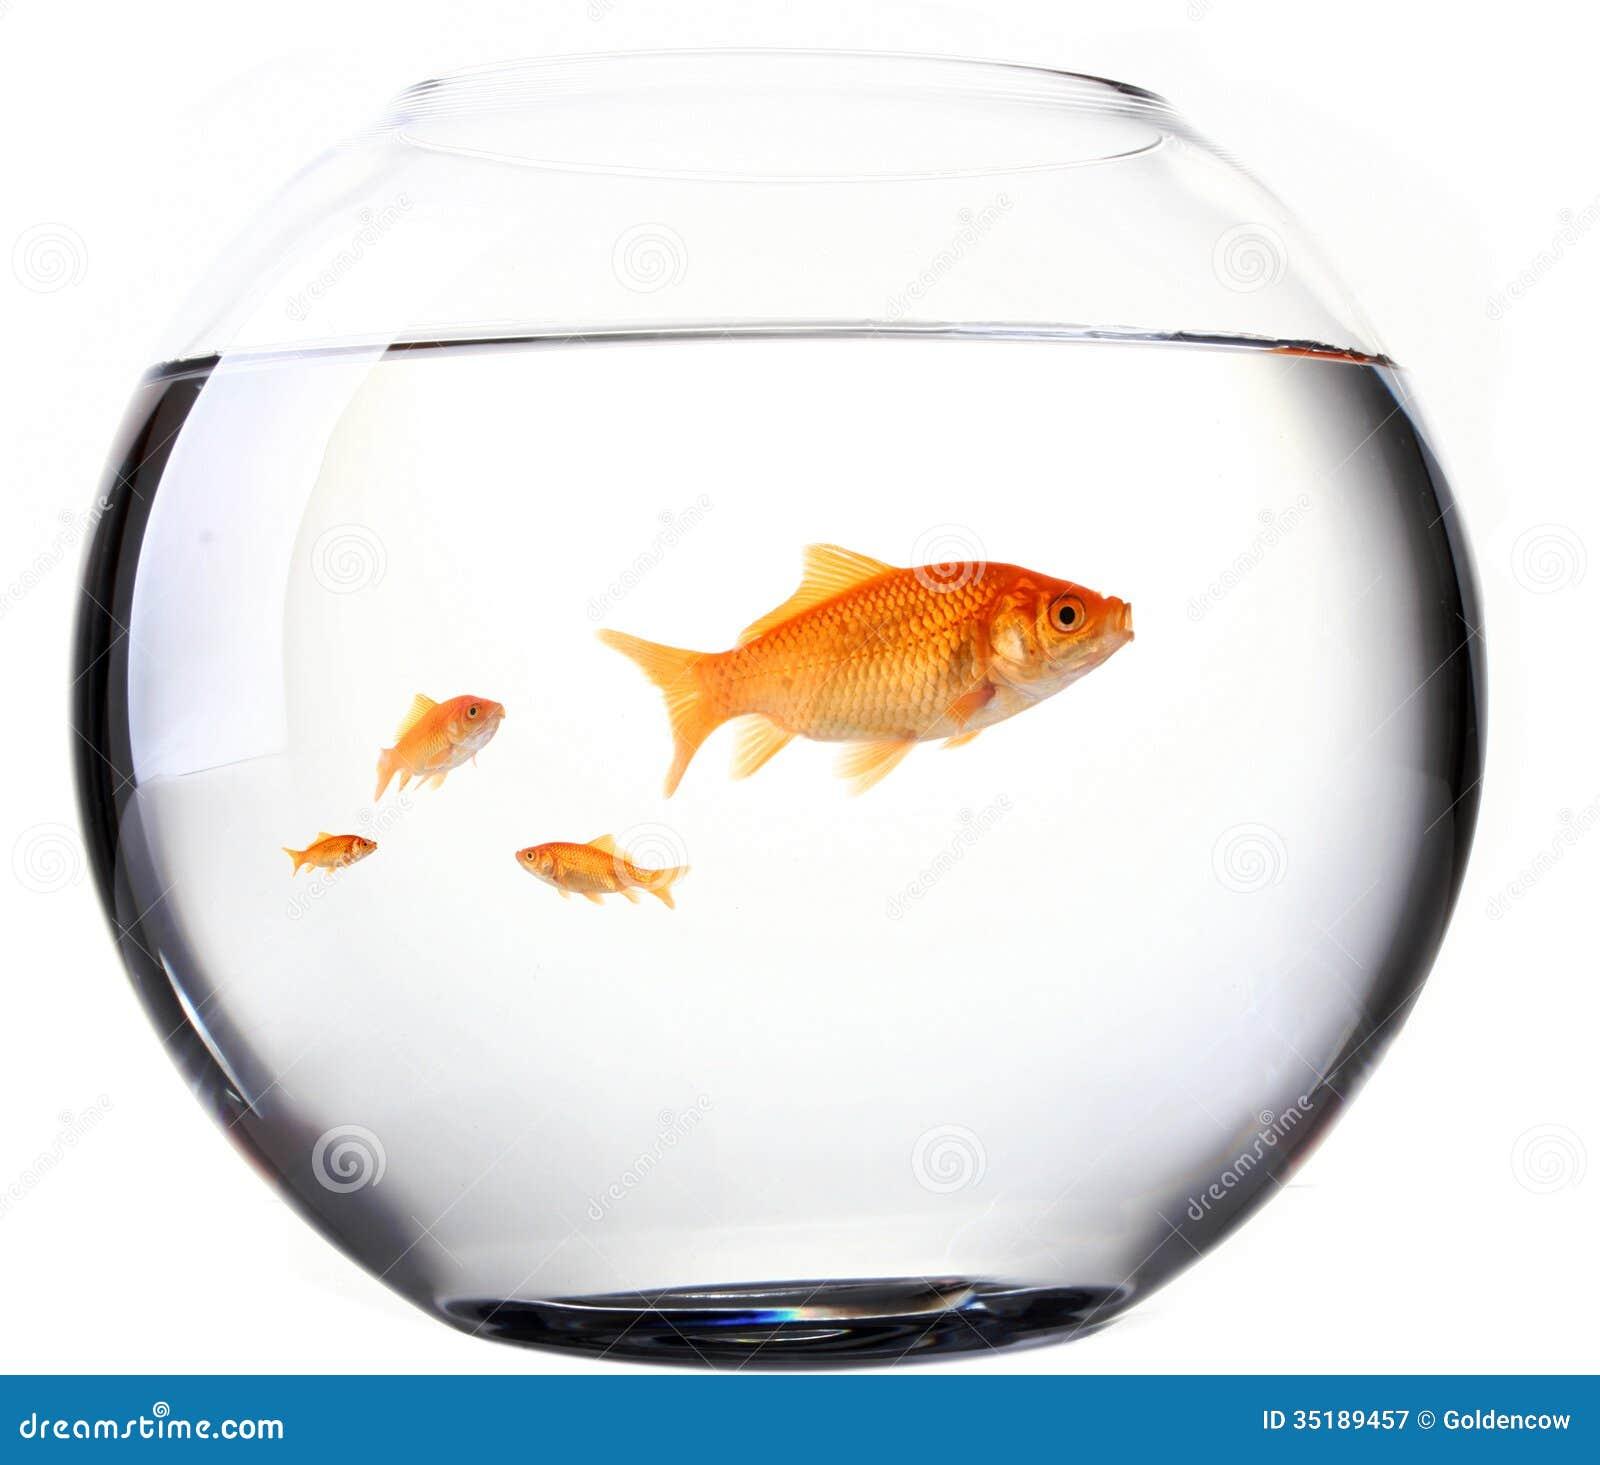 Cmo cuidar un goldfish - 6 pasos - unComo